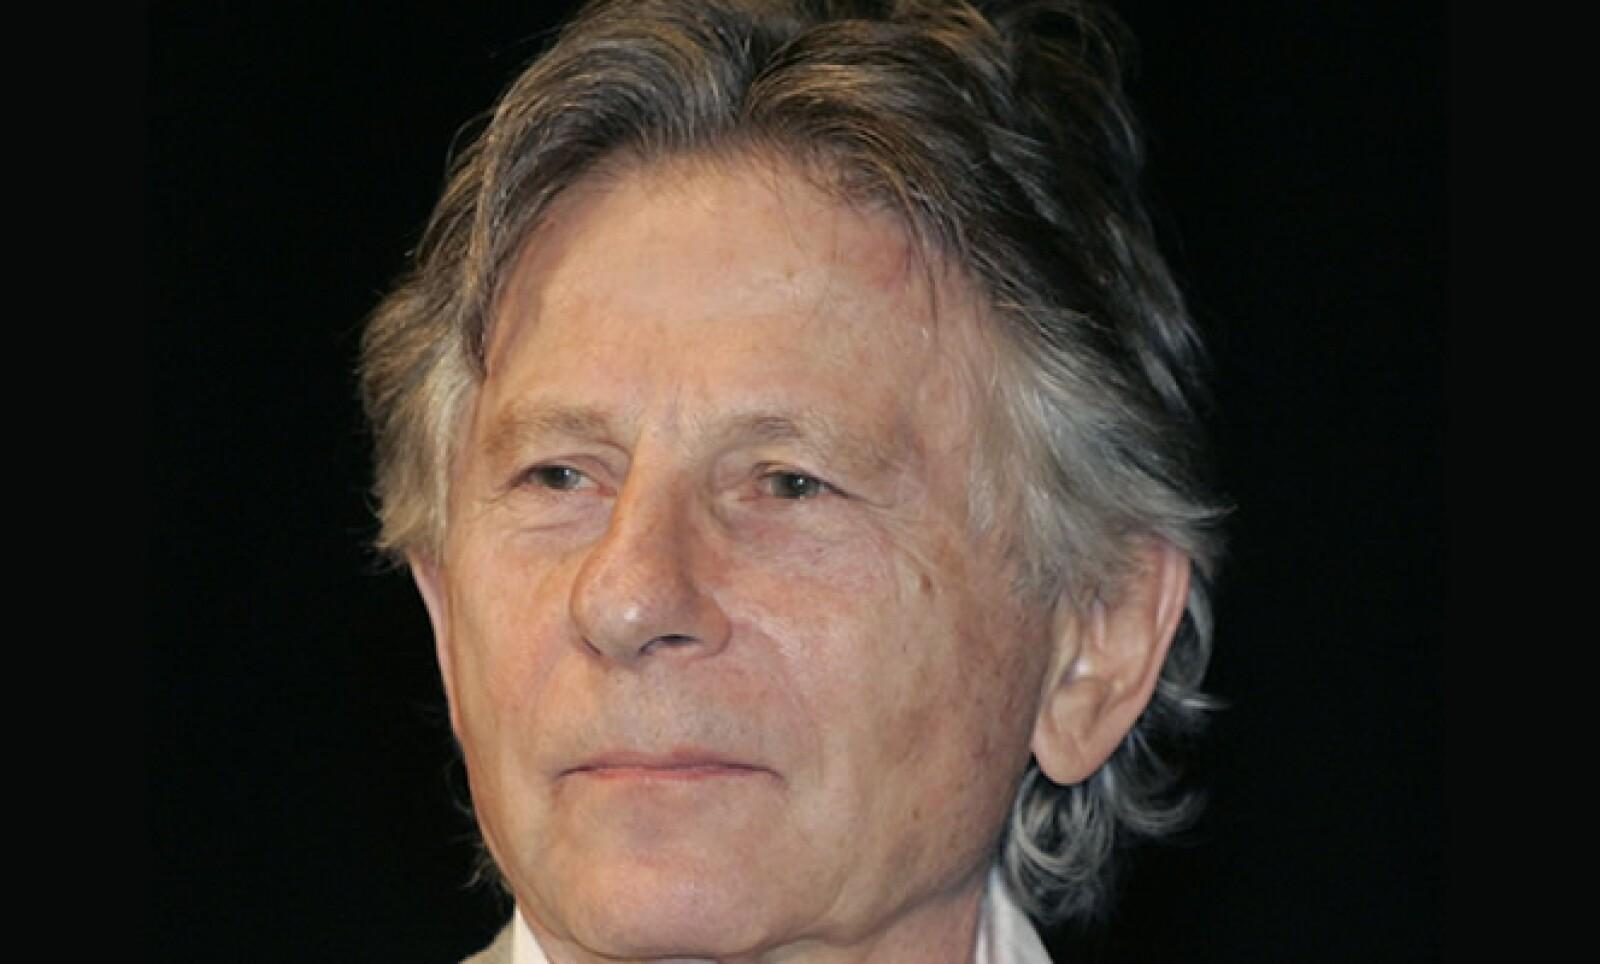 Tras ser acusado en Zurich de un caso de abuso sexual en el años de 1977, el director de cine polaco deberá permanecer un una prisión suiza hasta el lunes tras faltar el pago de su fianza por tres millones de euros.